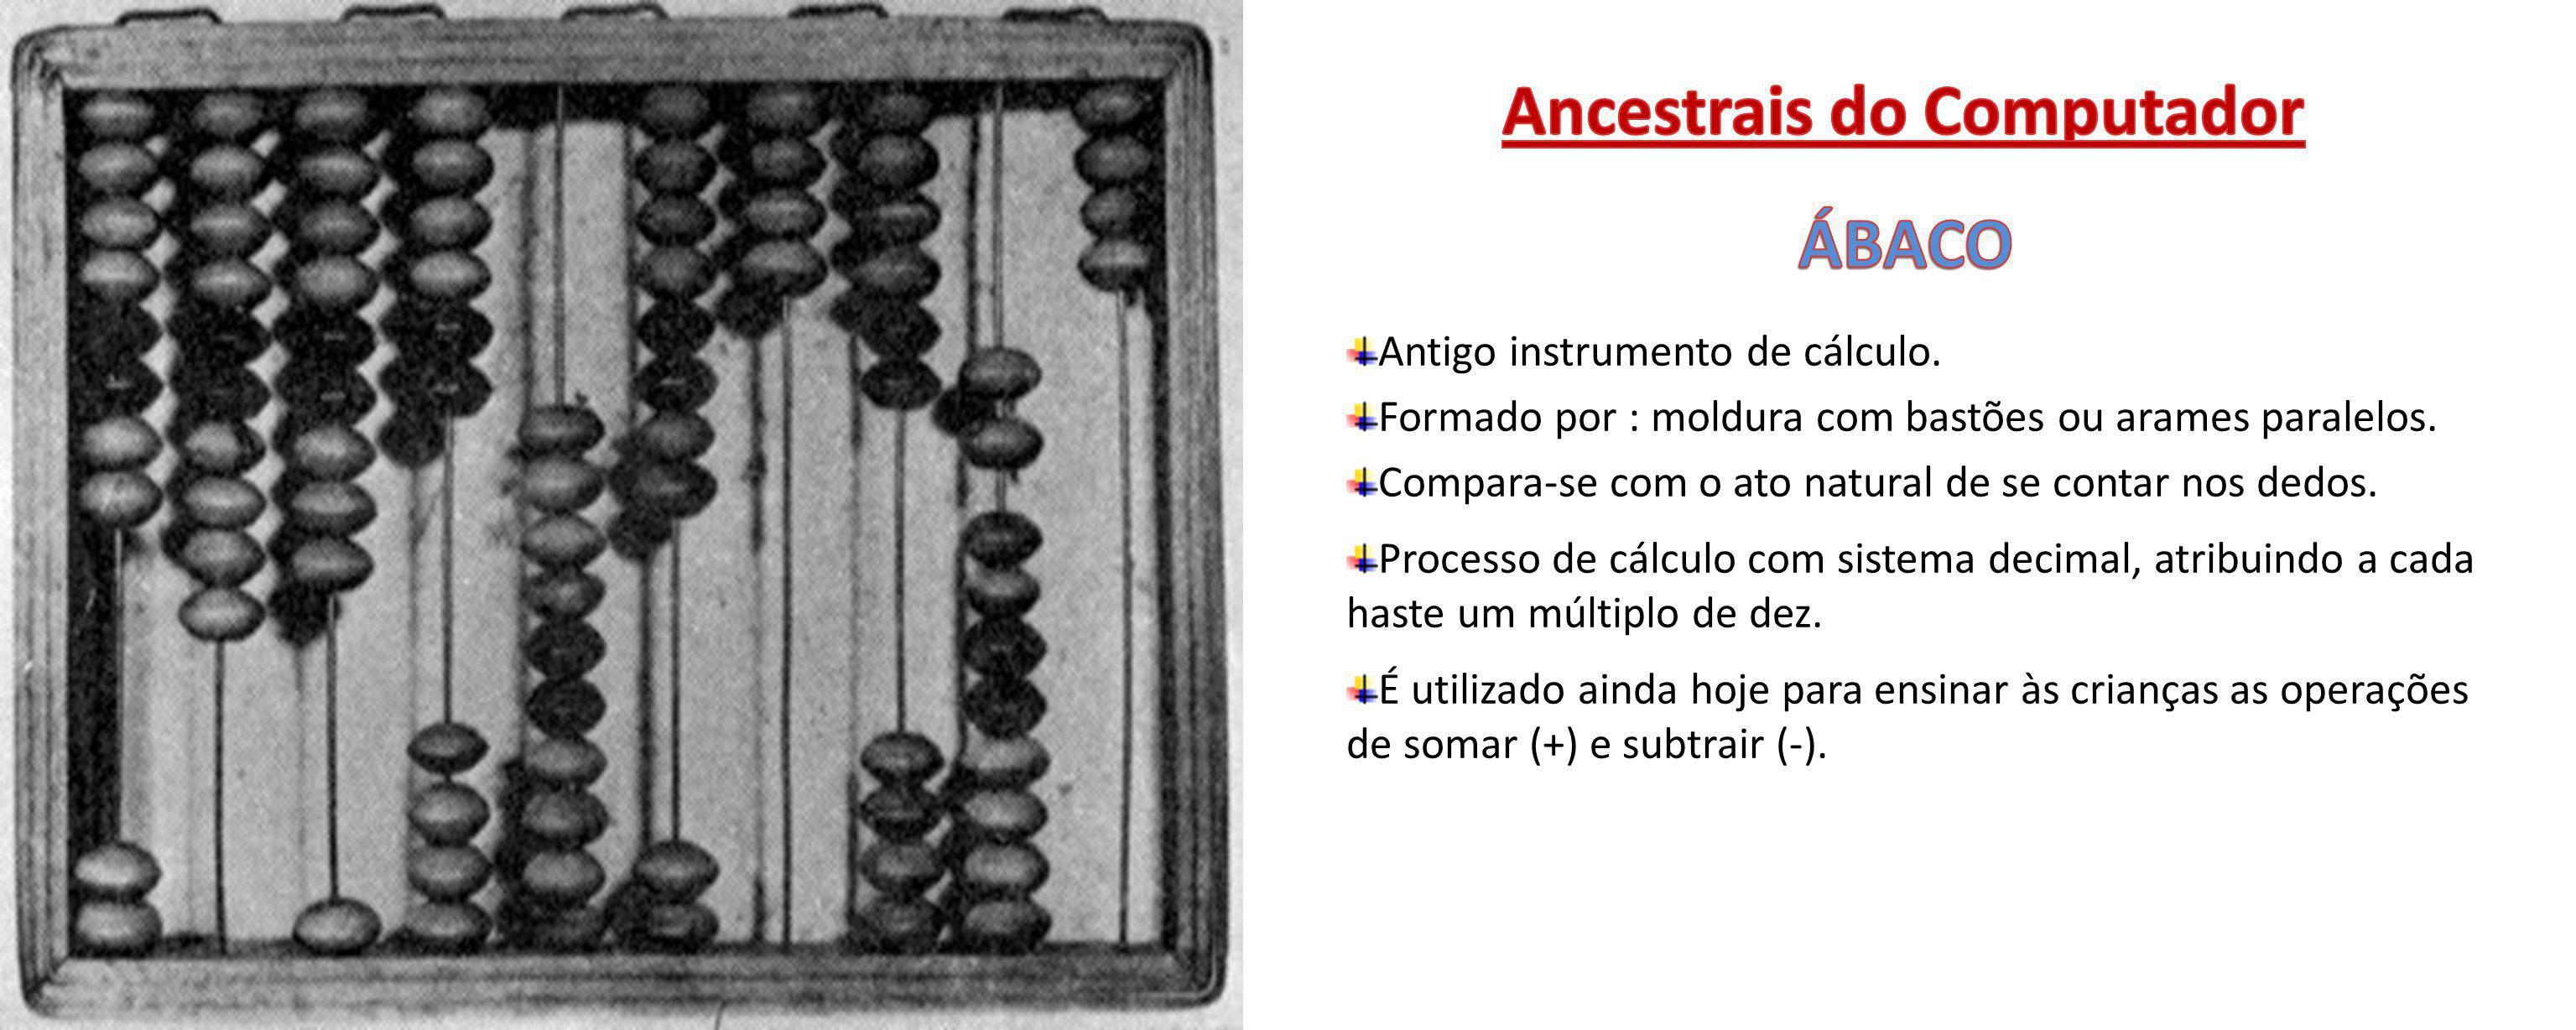 Antigo instrumento de cálculo. Formado por : moldura com bastões ou arames paralelos. Compara-se com o ato natural de se contar nos dedos. Processo de